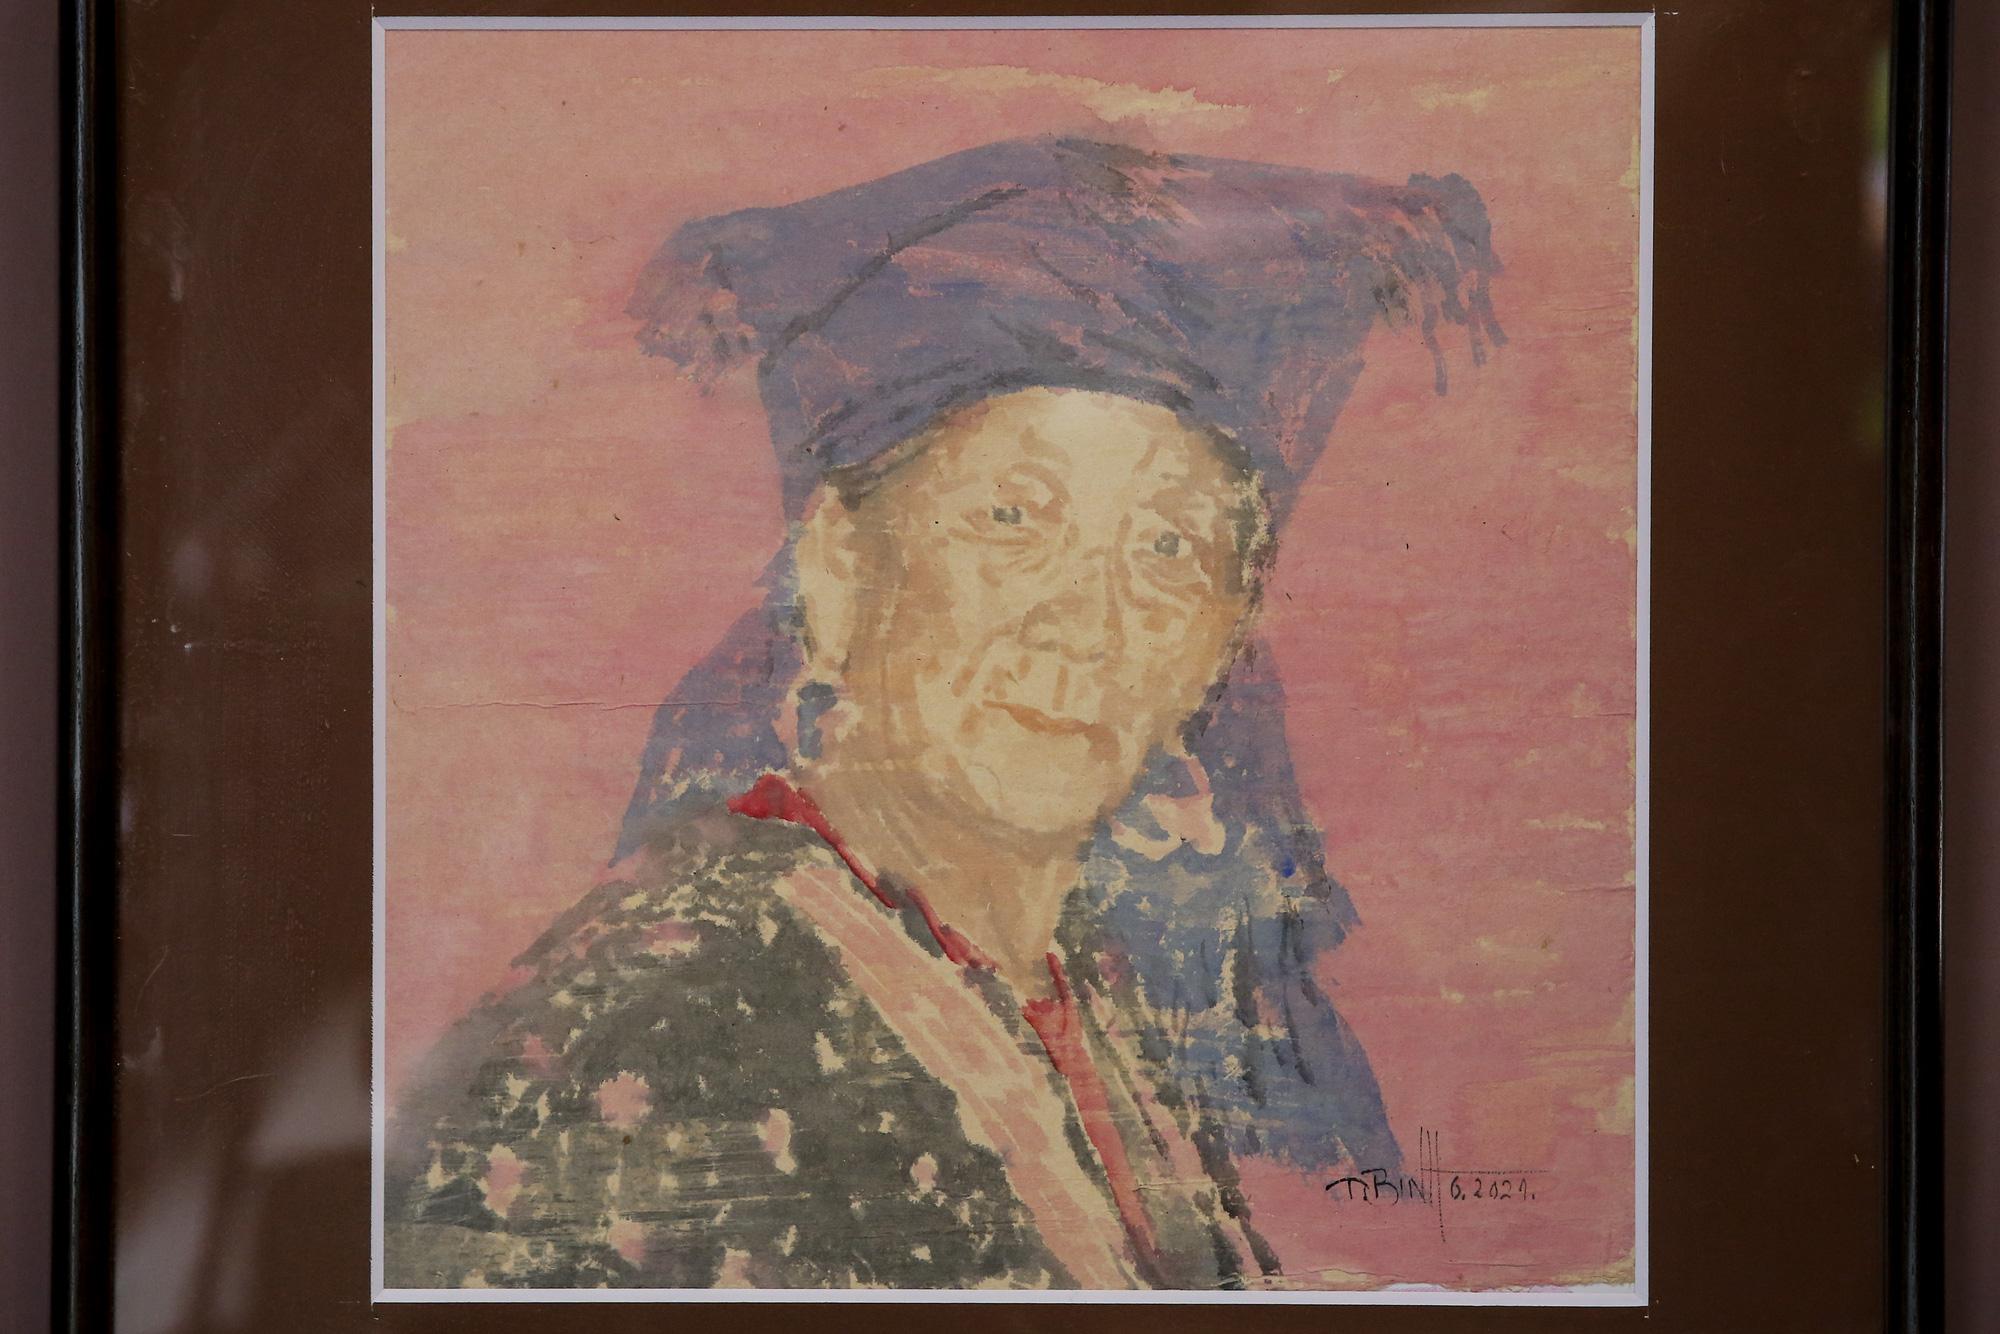 Chiêm ngưỡng không gian tranh giấy dó truyền thống đặc biệt tại Hà Nội - Ảnh 9.